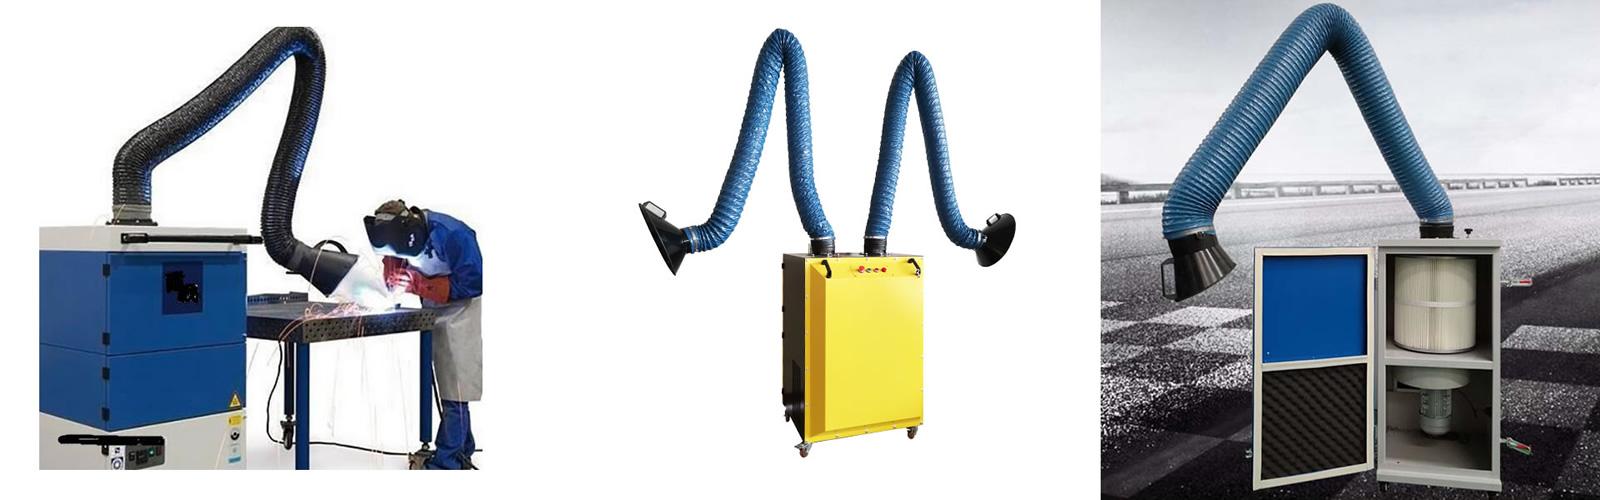 welding fume extractor1600